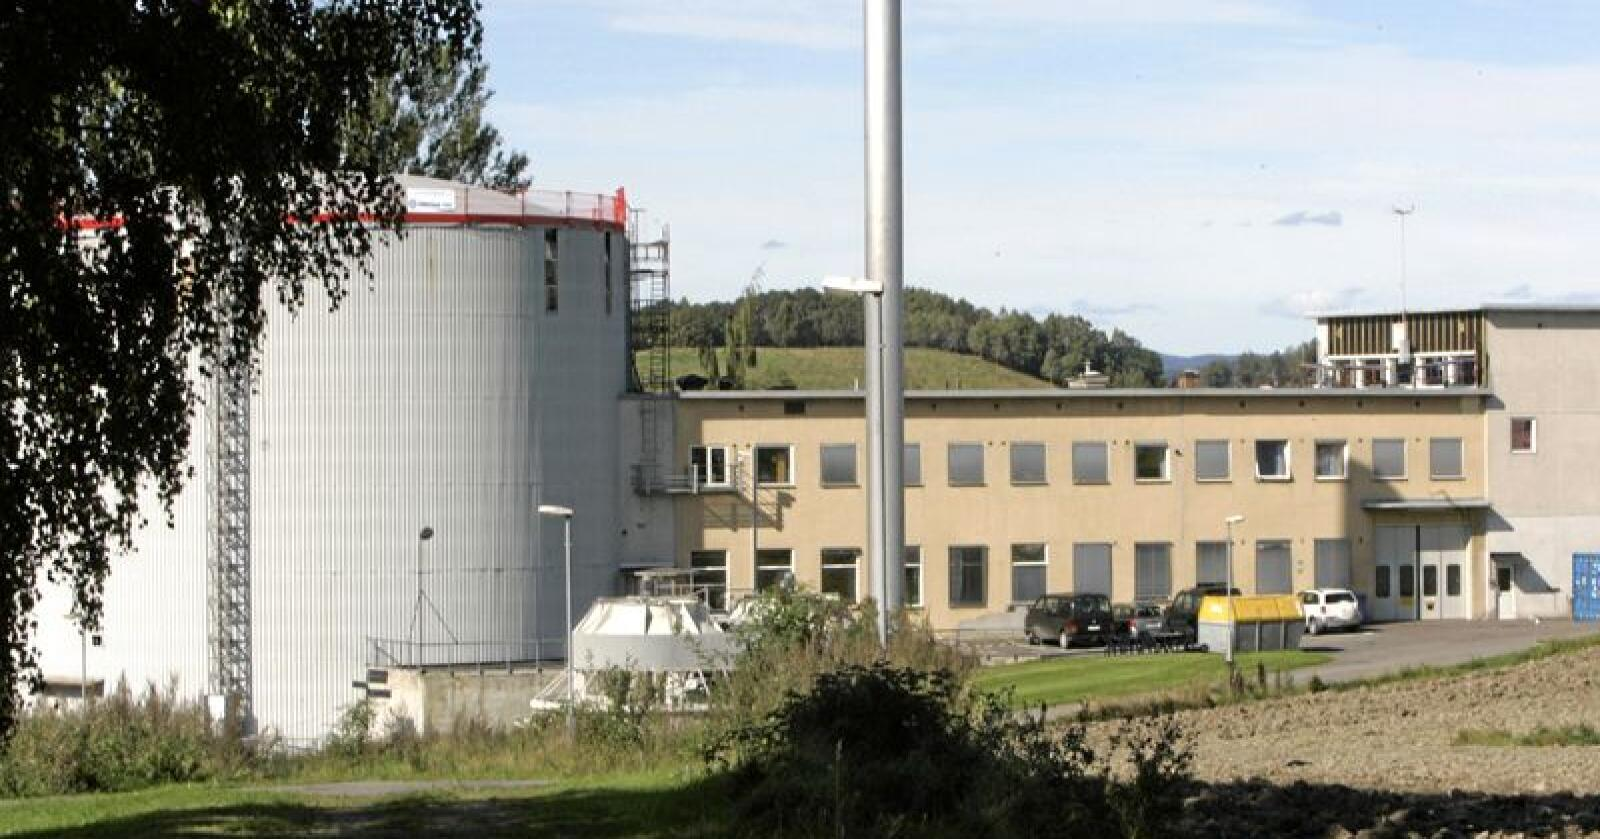 Avfall:  Atomavfallet trenger i grunn ingen løsning, det løser seg selv over tid, skriver spaltisten. Her fra atomreaktoren på Kjeller. Foto Morten F. Holm/NTB scanpix